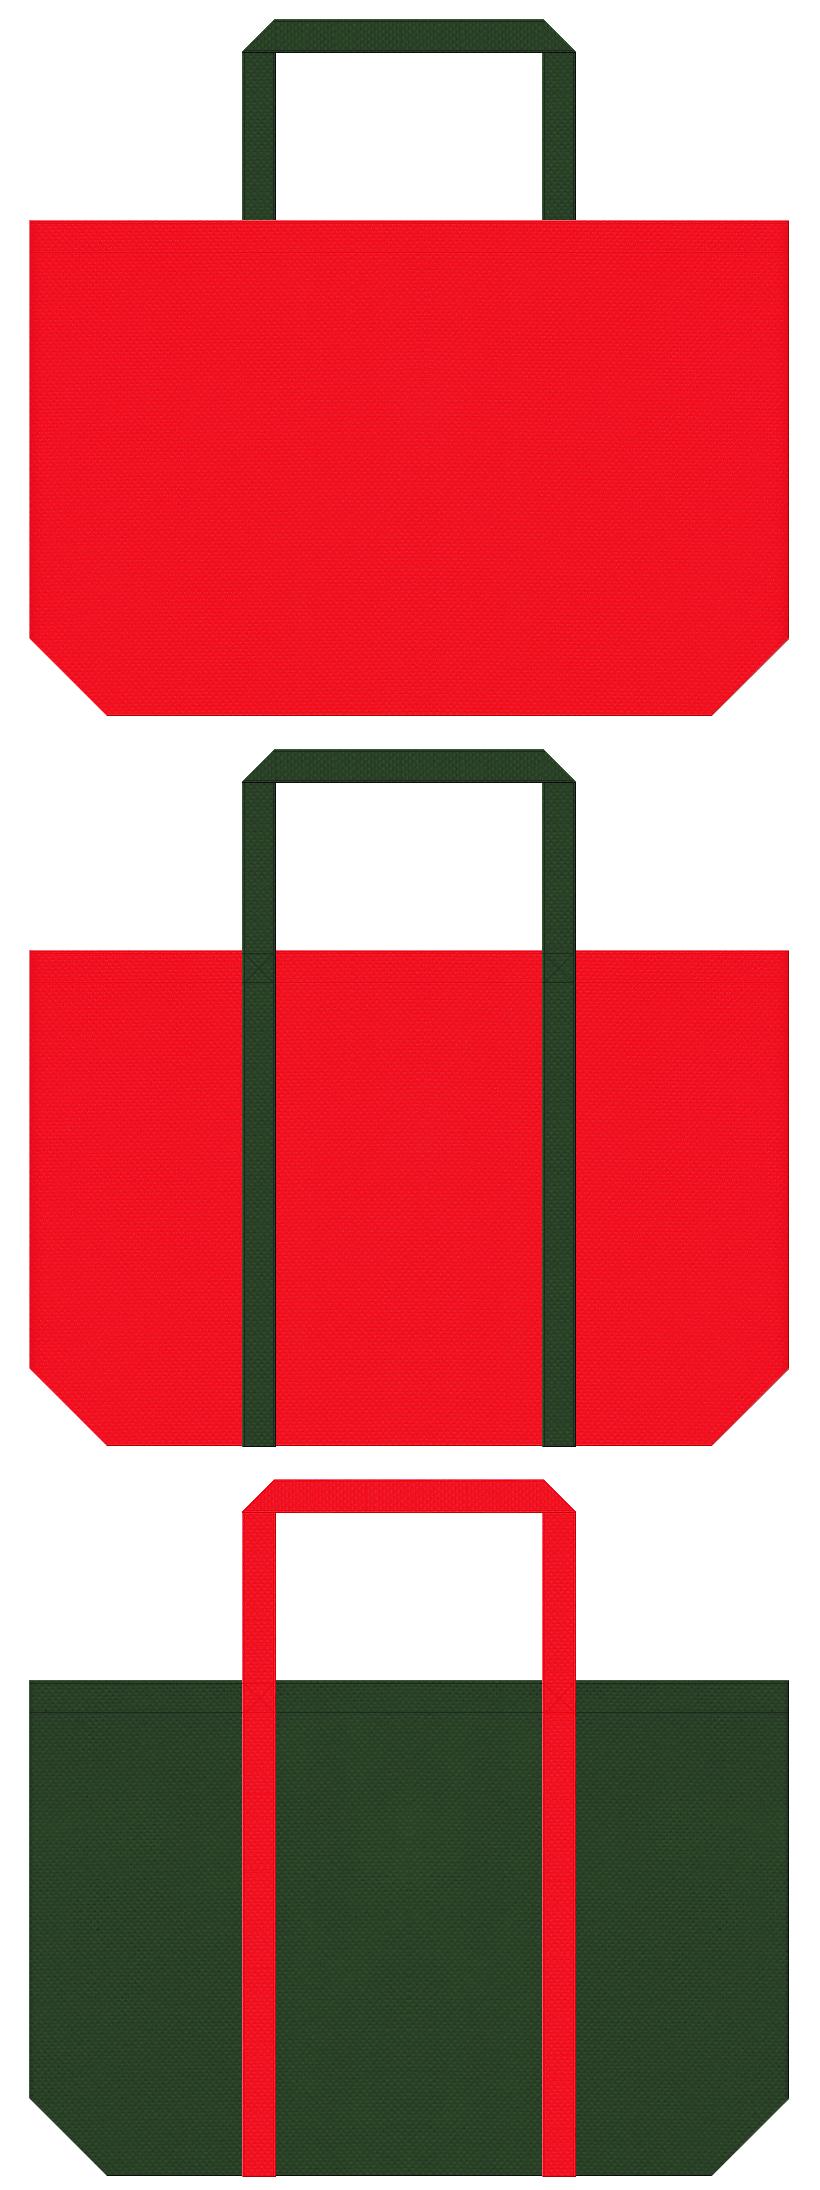 赤色と濃緑色の不織布バッグデザイン。クリスマス商品のショッピングバッグにお奨めです。トマトイメージのバッグにも。